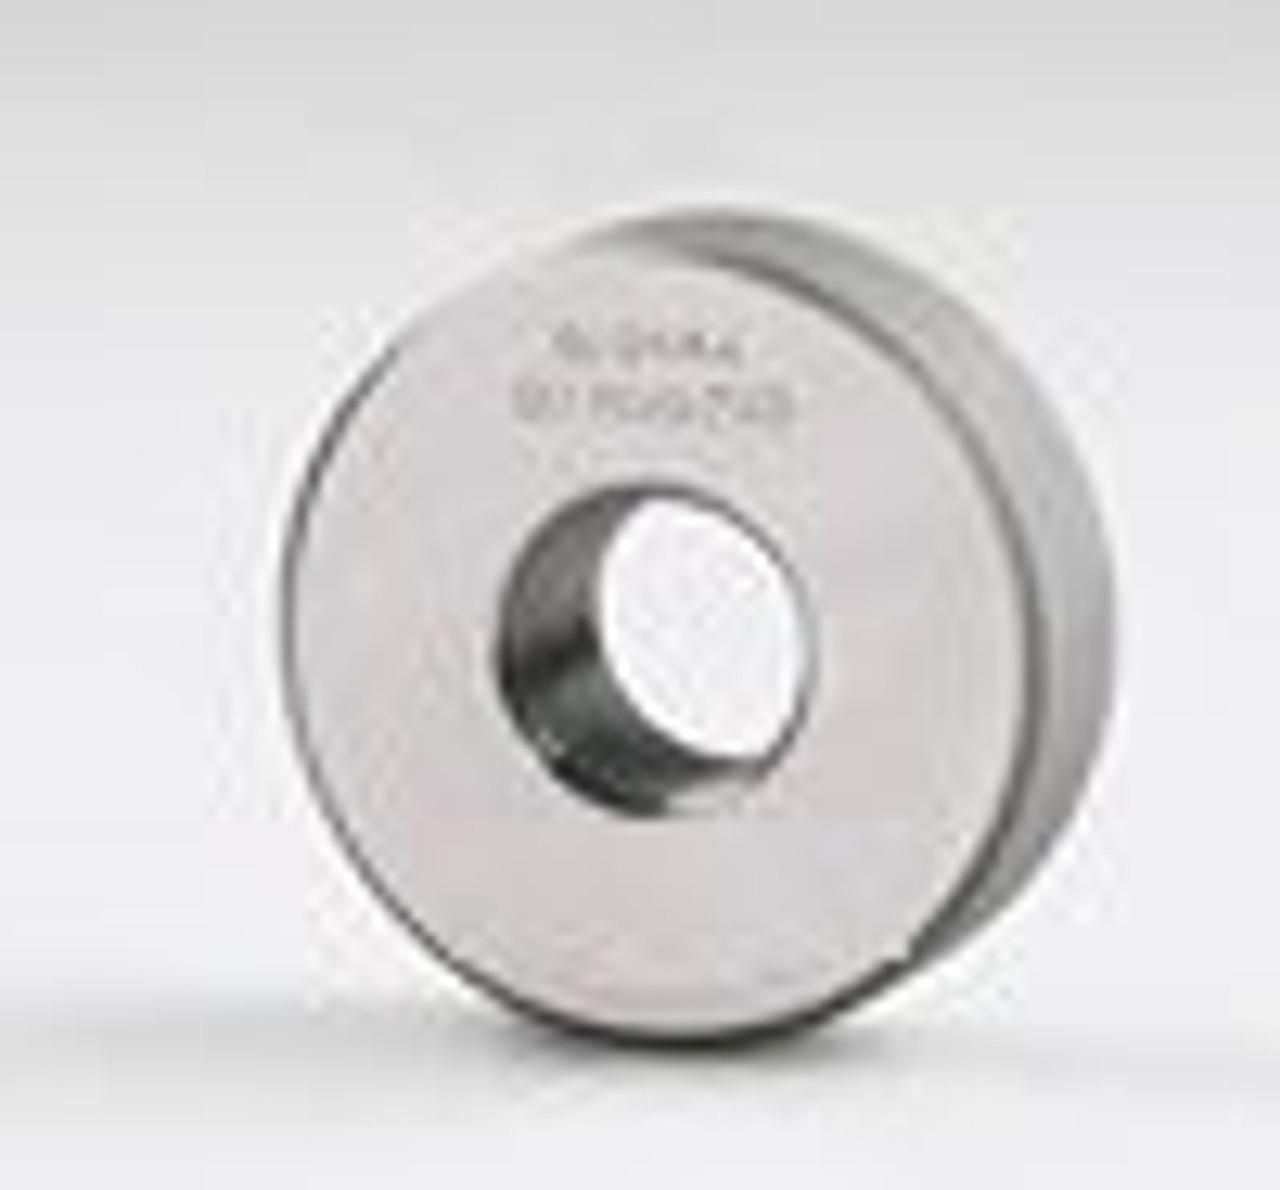 """BSPP 1-1/8"""" - 11 Go Thread Ring Gauge - (BSP1-1/8RG-GO)"""